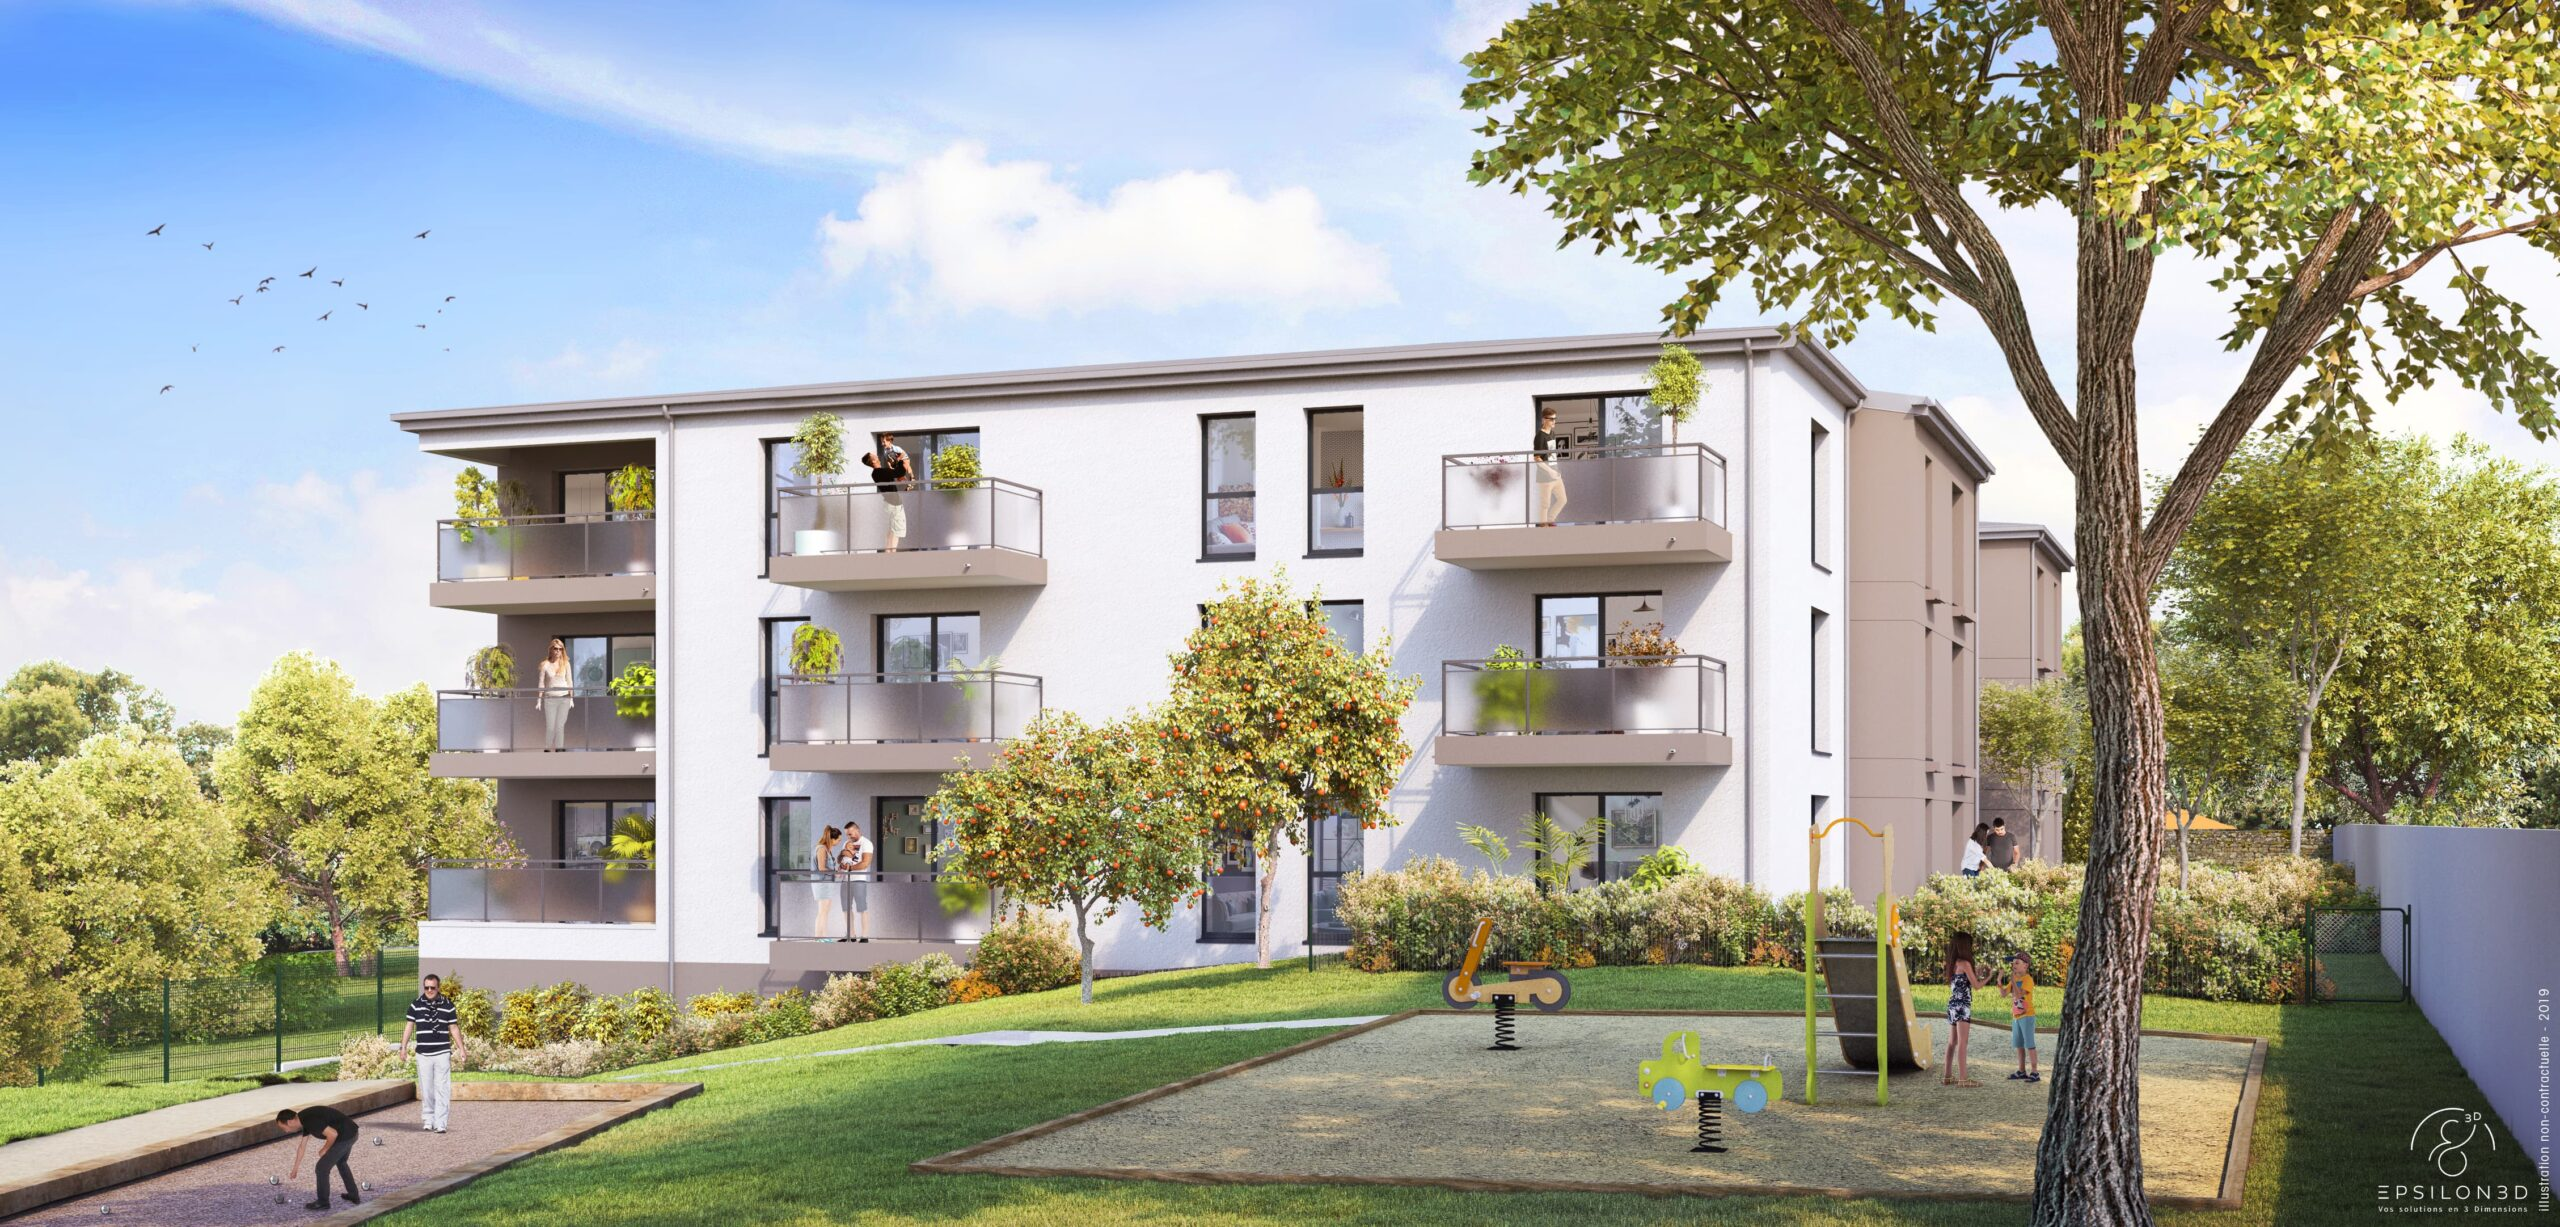 Livraison de logements neufs à Saint-Nazaire (44) : zoom sur le programme immobilier « Fleur d'eau »